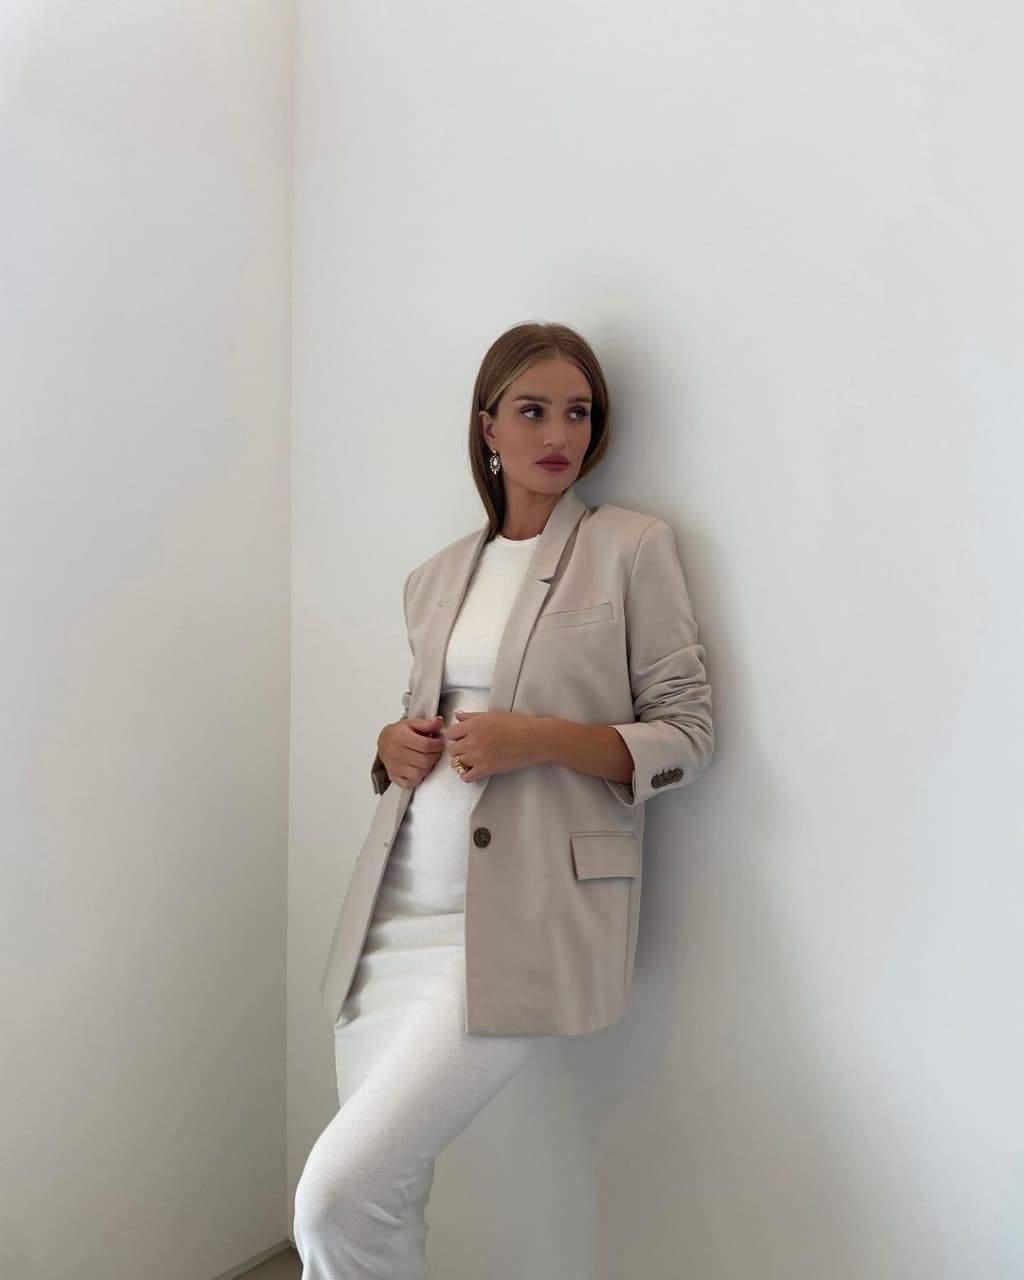 Красивий образ Розі Гантінгтон-Вайтлі / Фото з інстаграму супермоделі